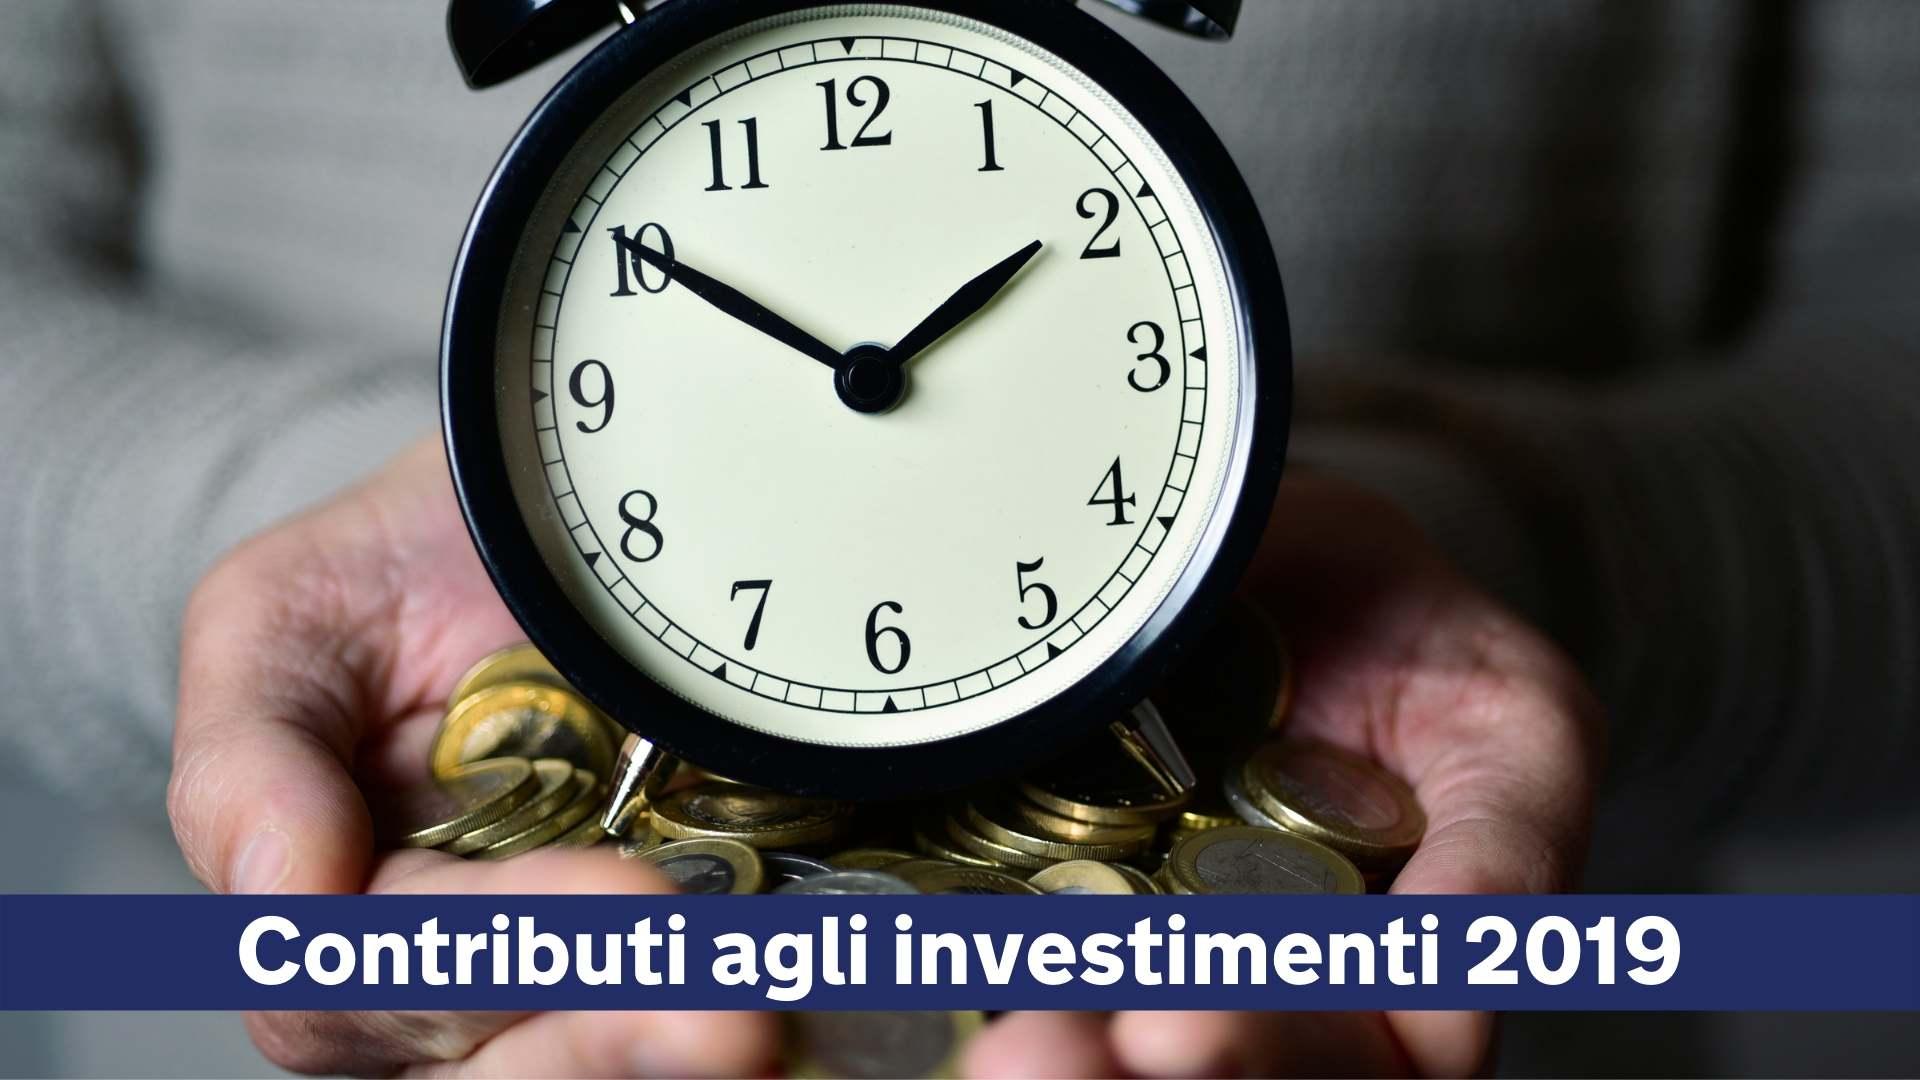 Contributi agli investimenti 2019